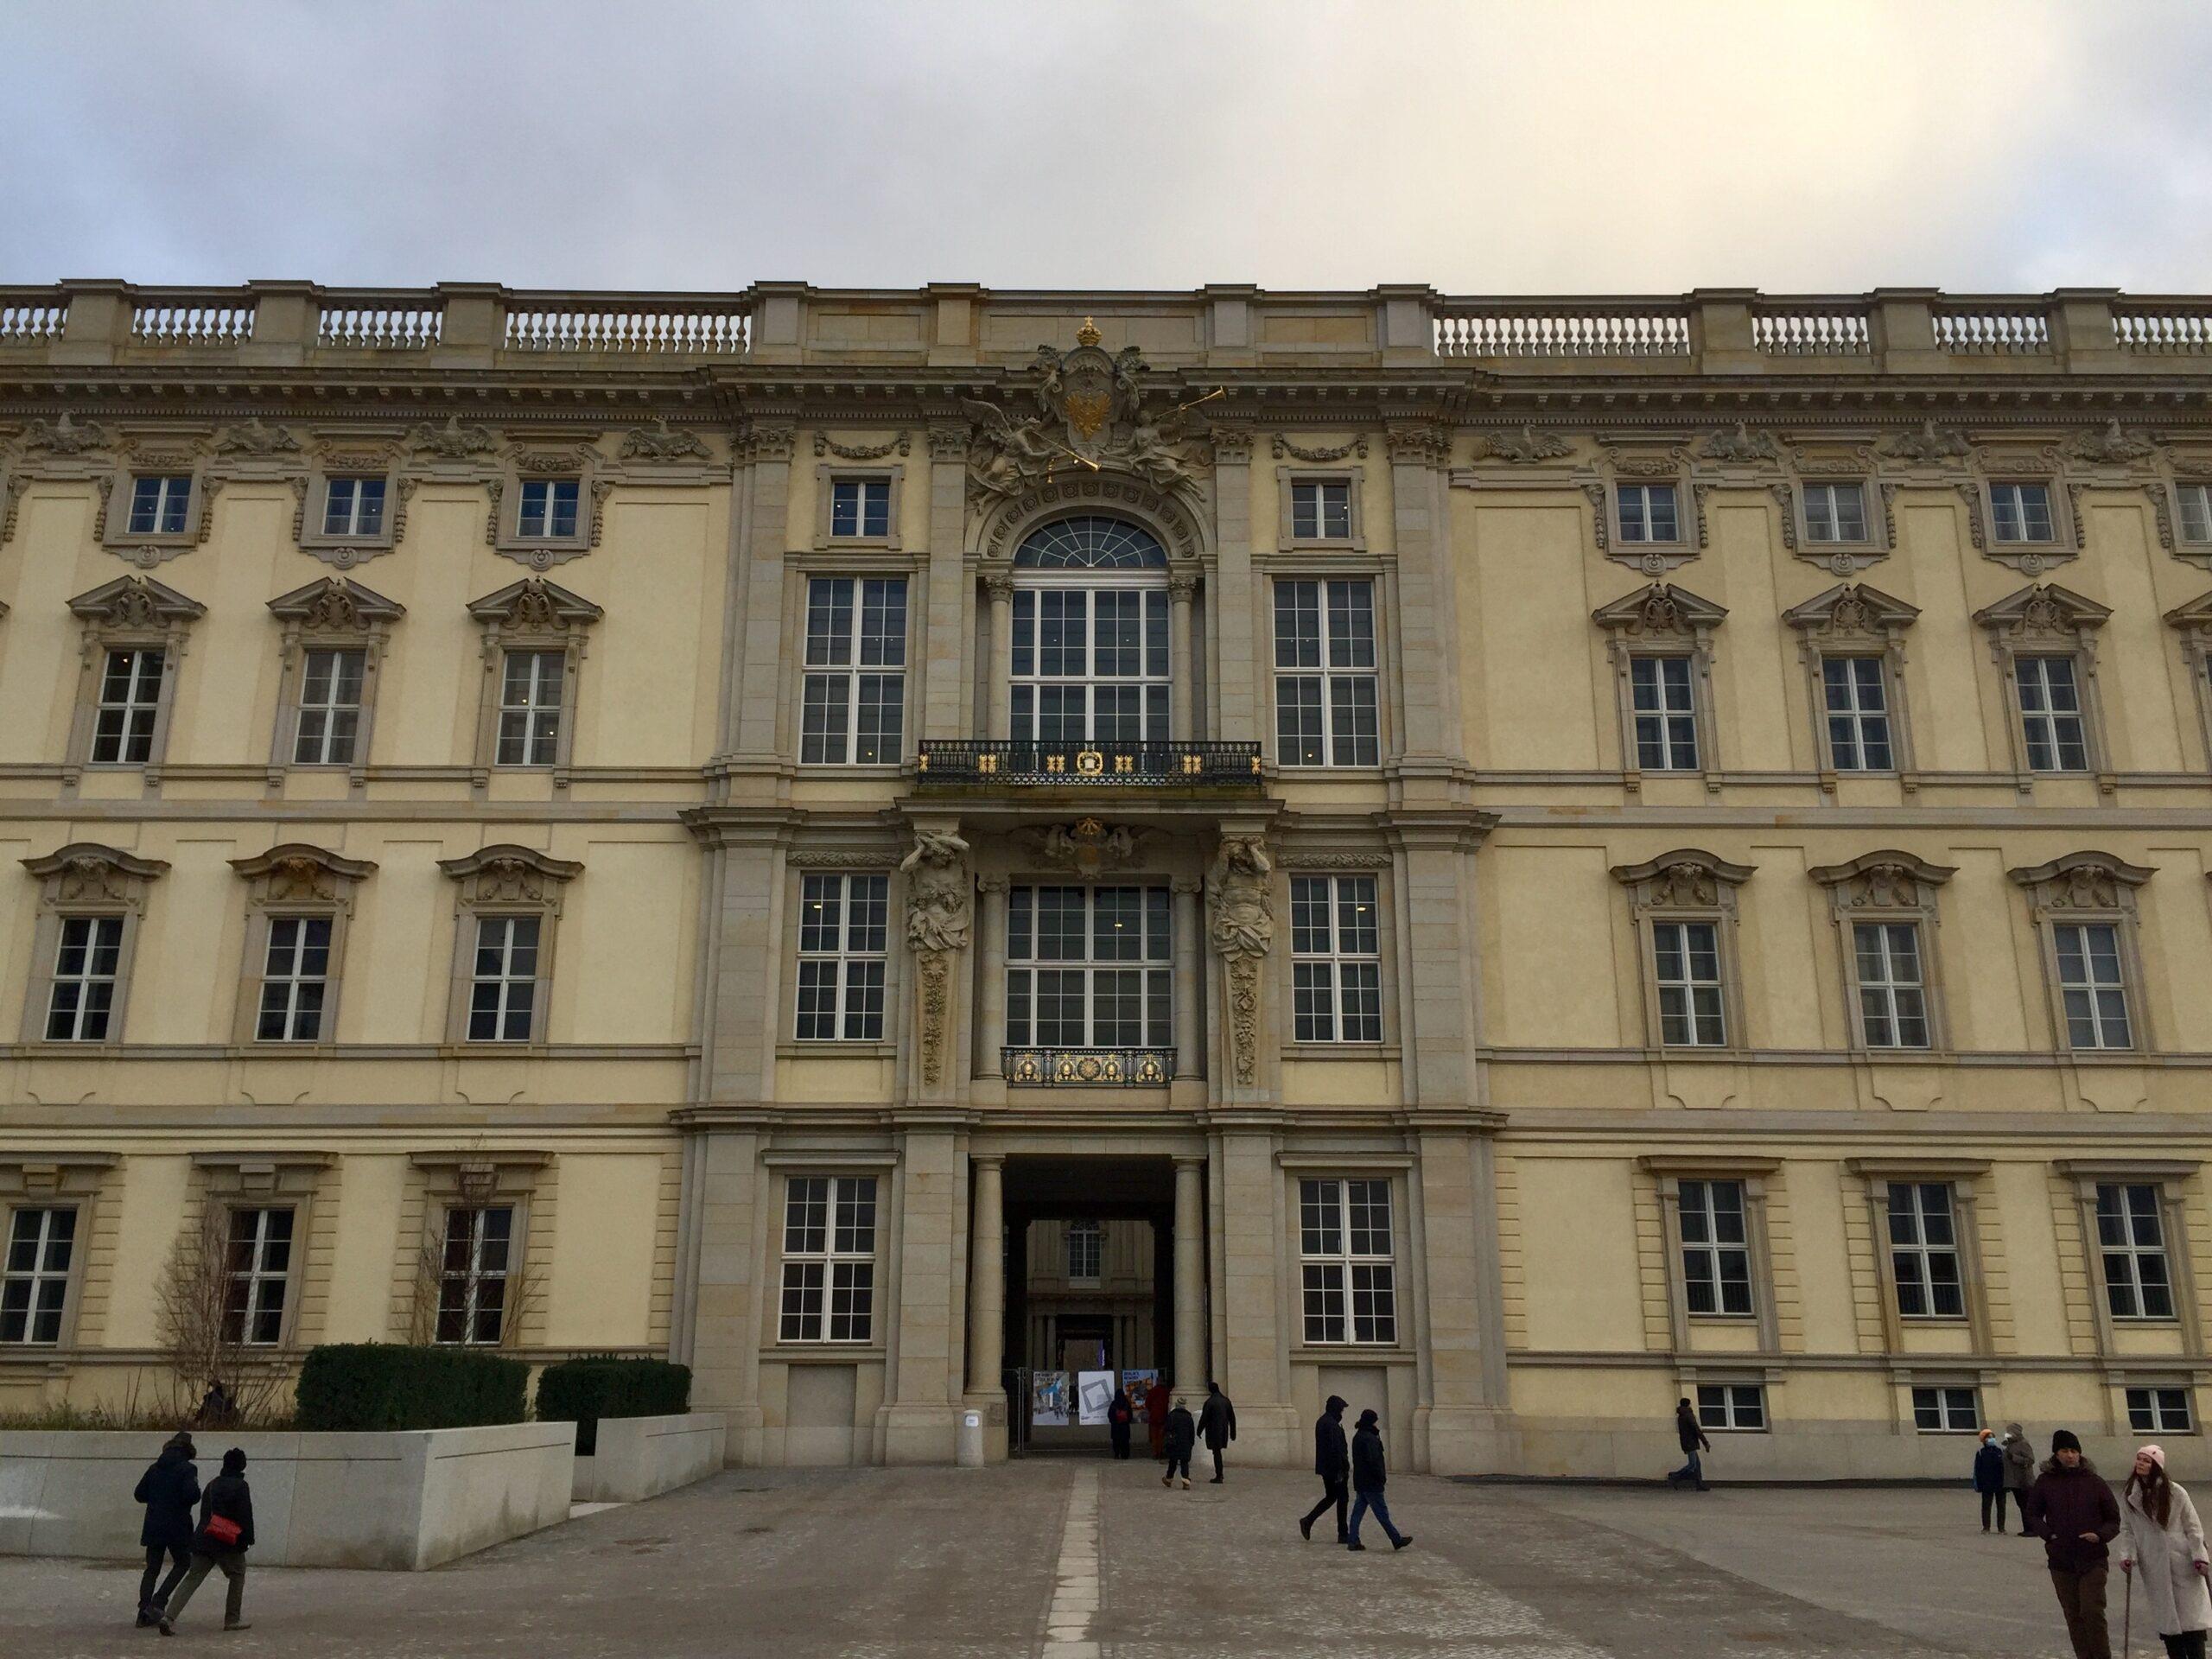 Humbolt Forum bzw. Stadtschloss